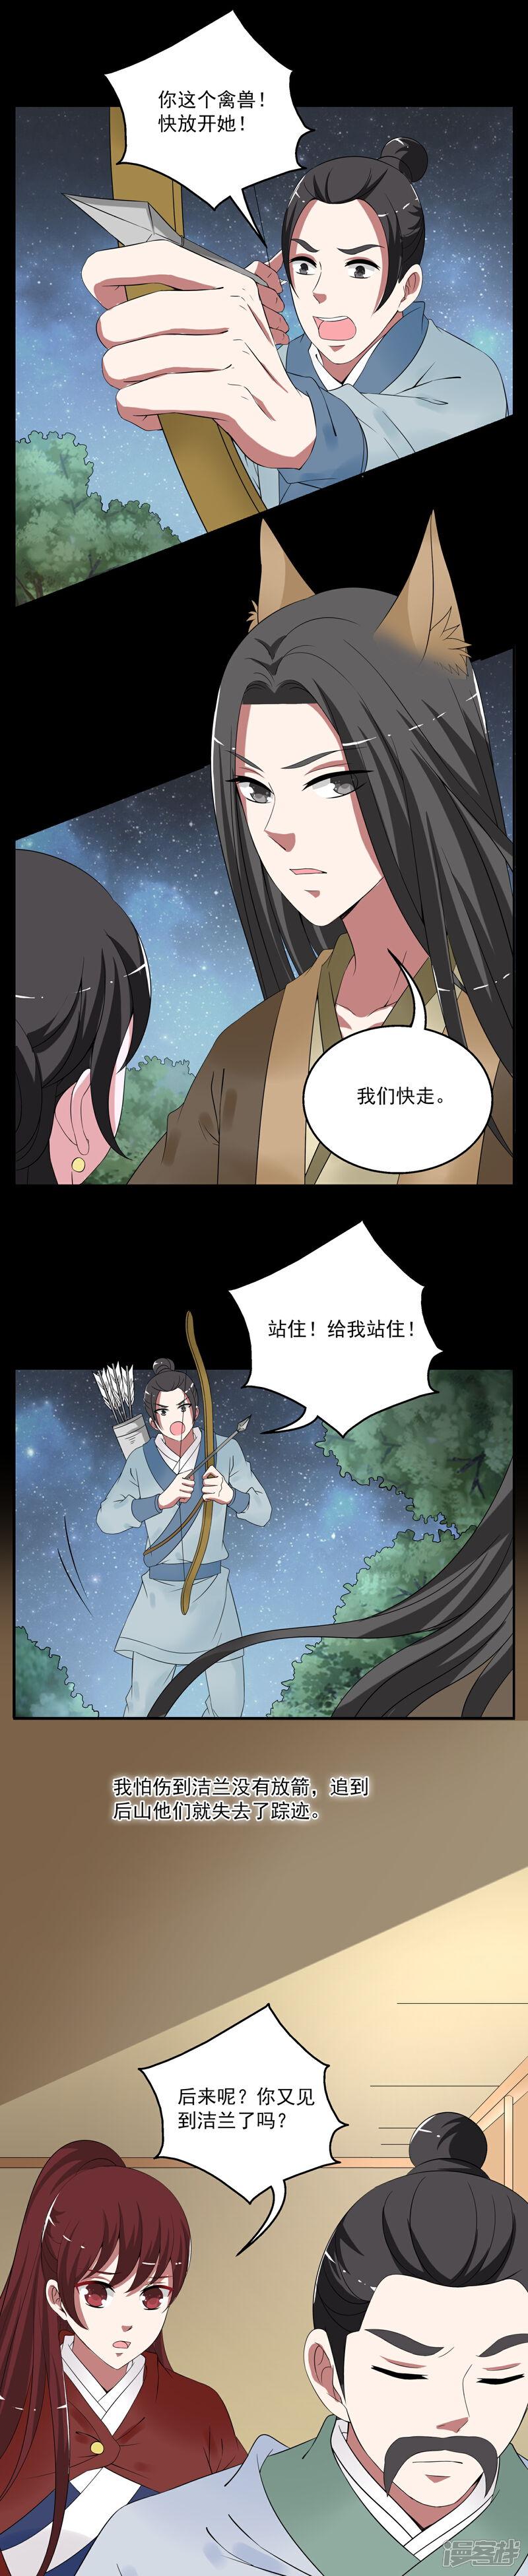 洛小妖179 (5).JPG